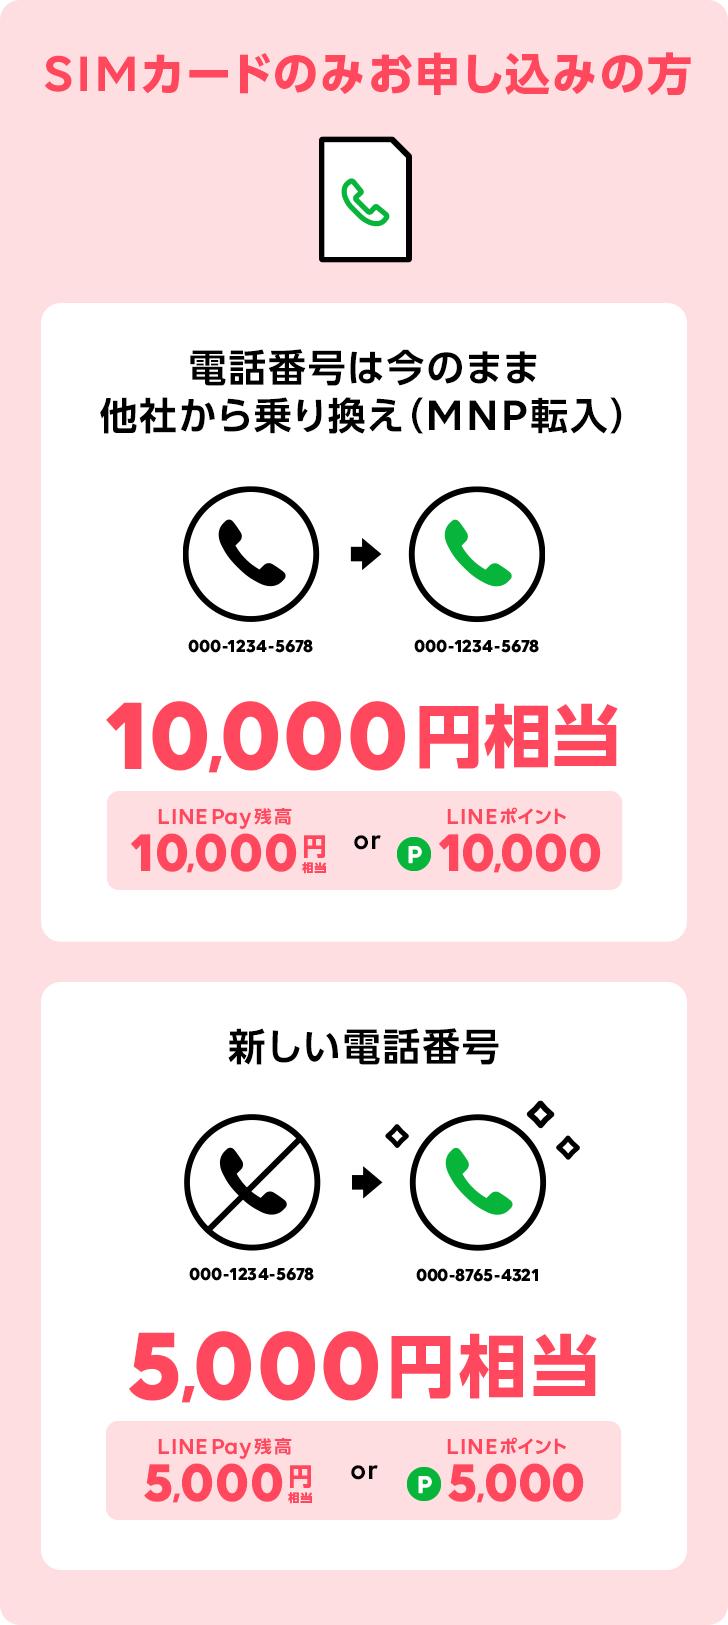 SIMカードのみ お申し込みの方   電話番号は今のまま 他社から乗り換え (MNP転入)10,000円相当   新しい電話番号5,000円相当